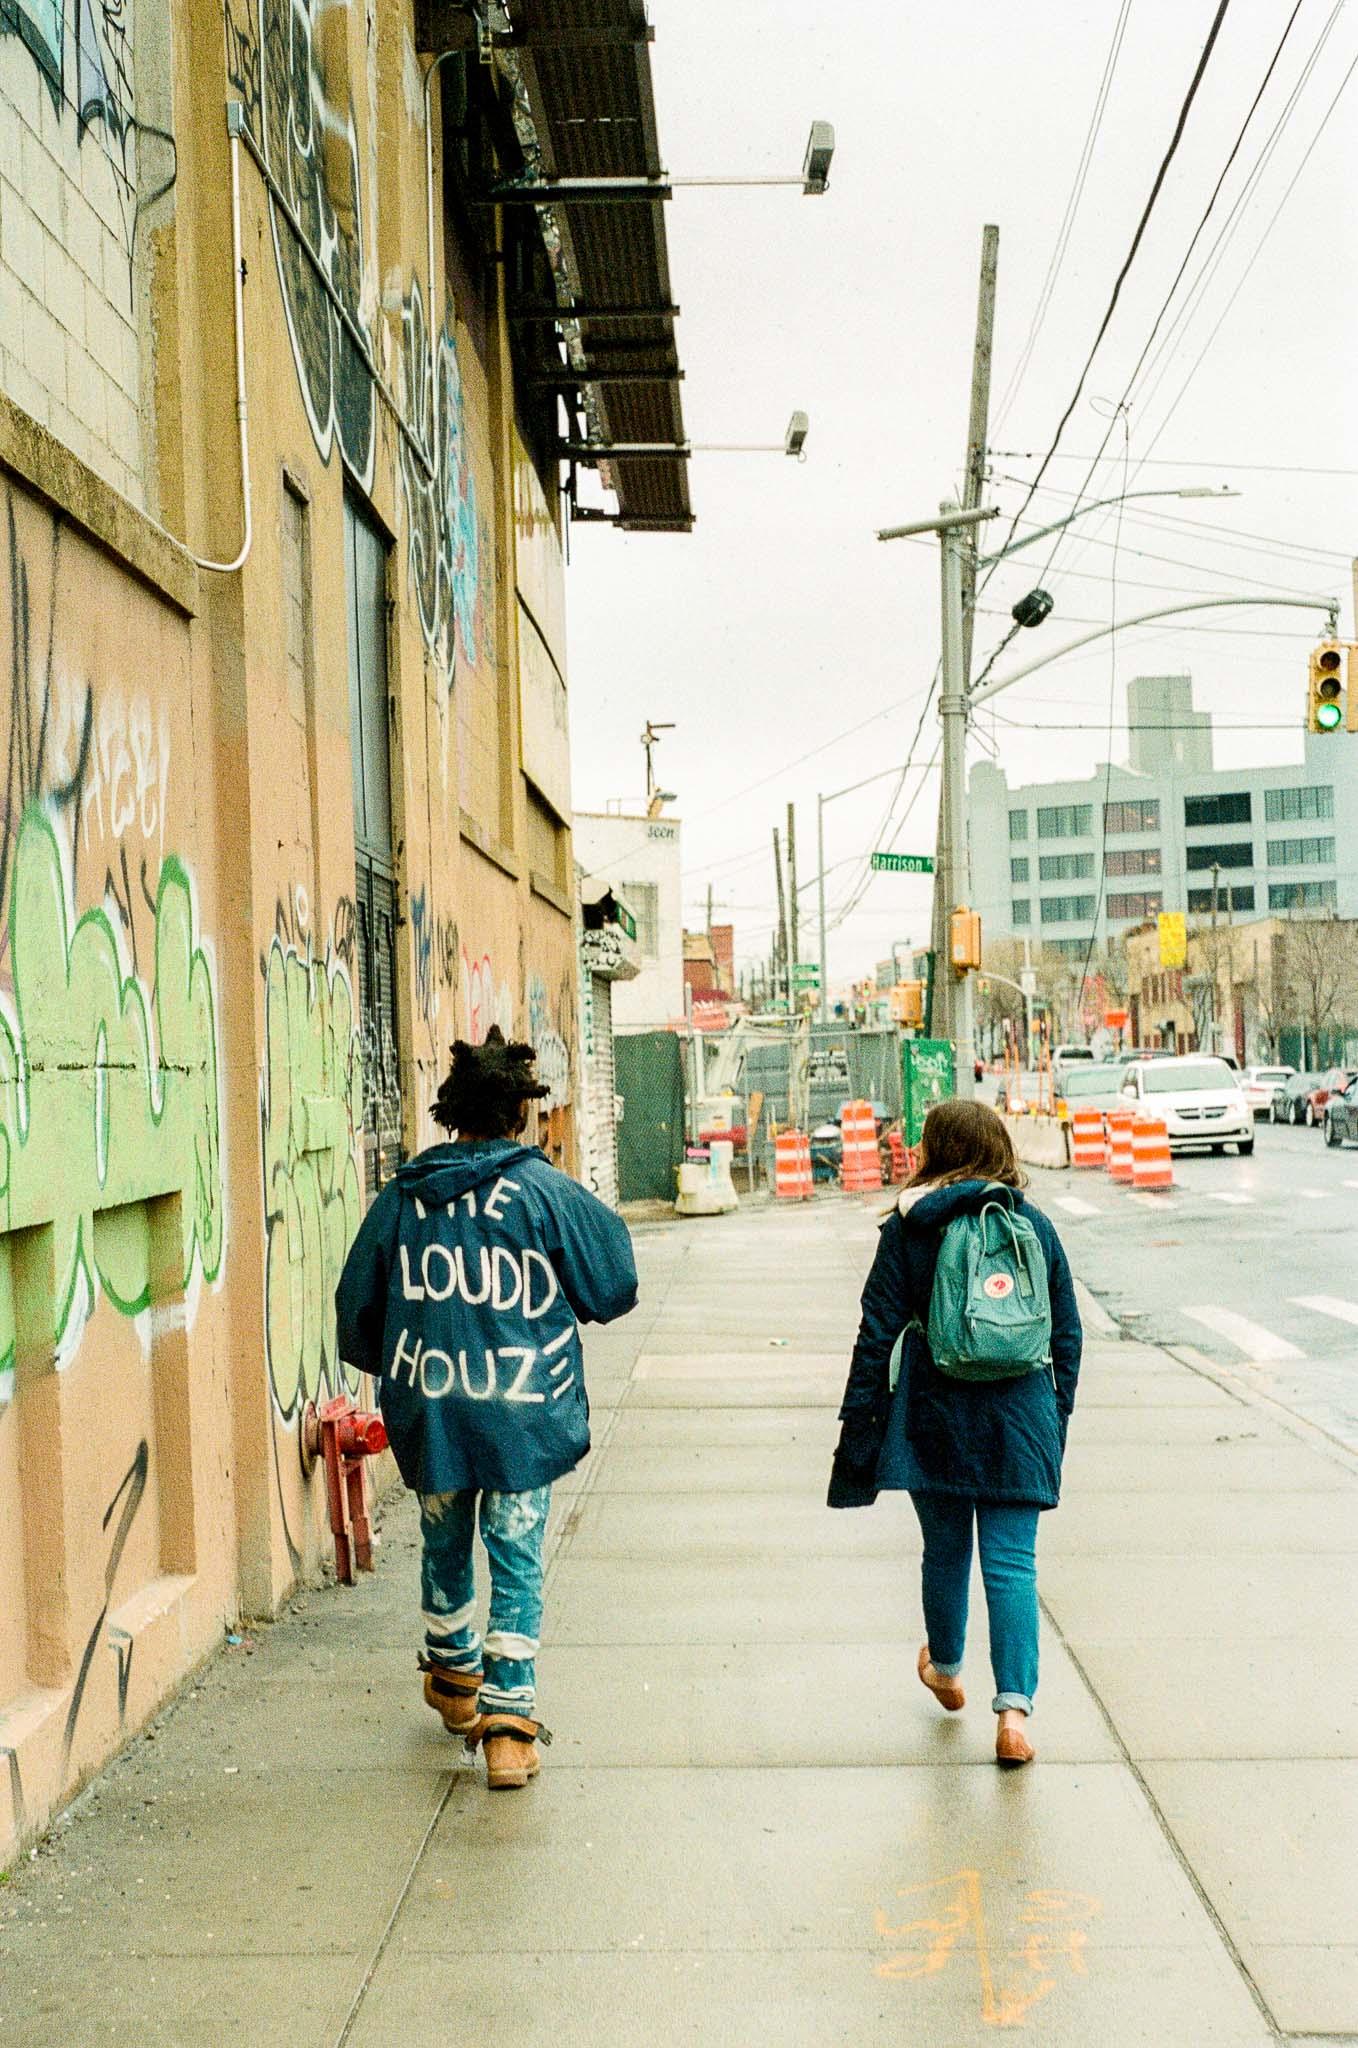 Loud-Pack-Paul-Brooklyn.jpg